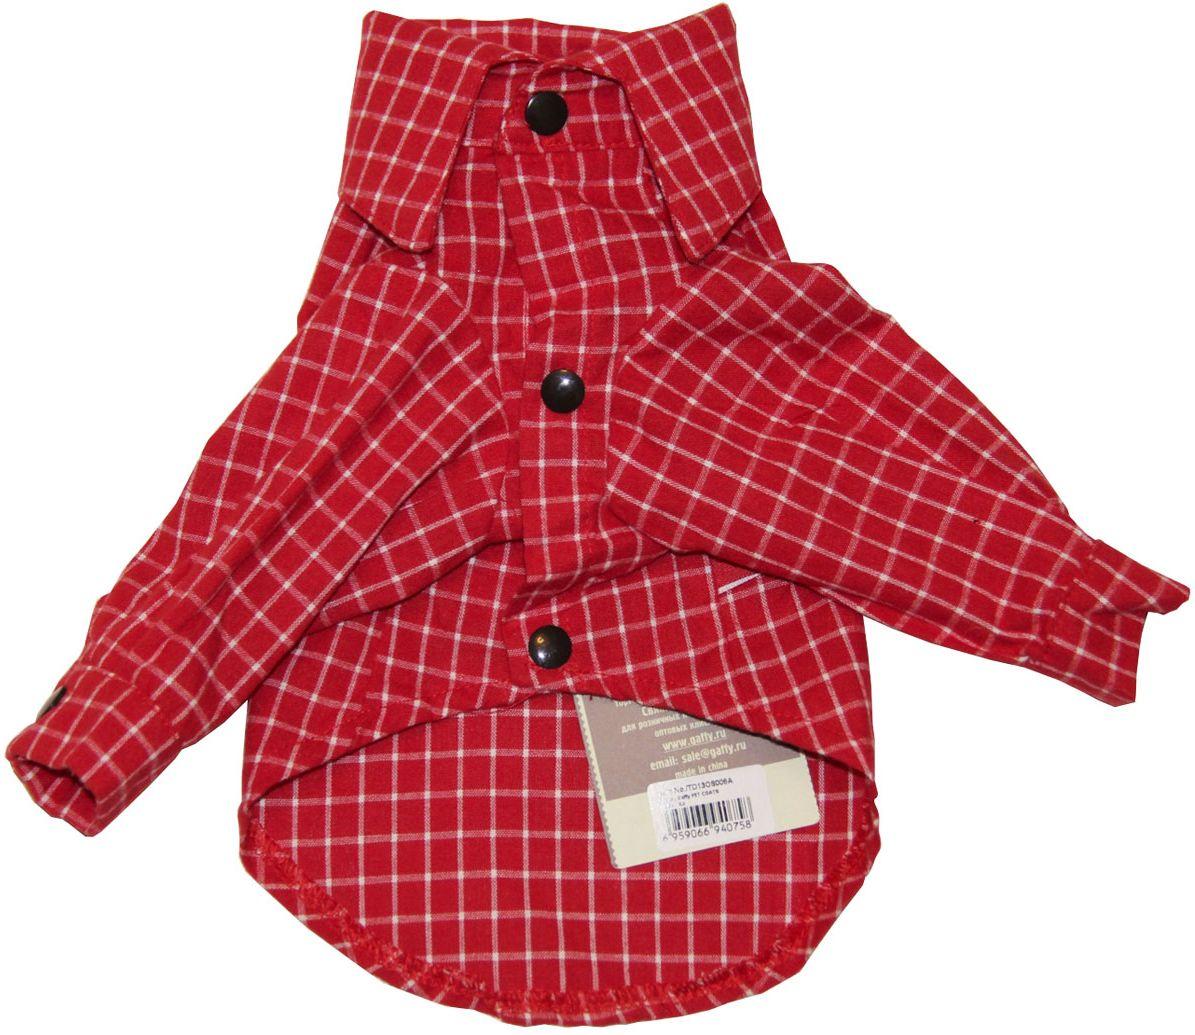 Рубашка для собак Gaffy Pet Red Plaid. Размер XS11021 XSСтильная рубашка в актуальную красную клетку.Клетка всегда в моде. Лаконичный дизайн для любого случая. Прекрасный вариант для улицы, для дома и как основа под любую одежду.Фиксируется на животе кнопками. Материал кнопок: металл.Идеально сочетается с куртками и жилетами.Обхват шеи, см: 20.Обхват груди, см: 35.Длина спины, см: 22.